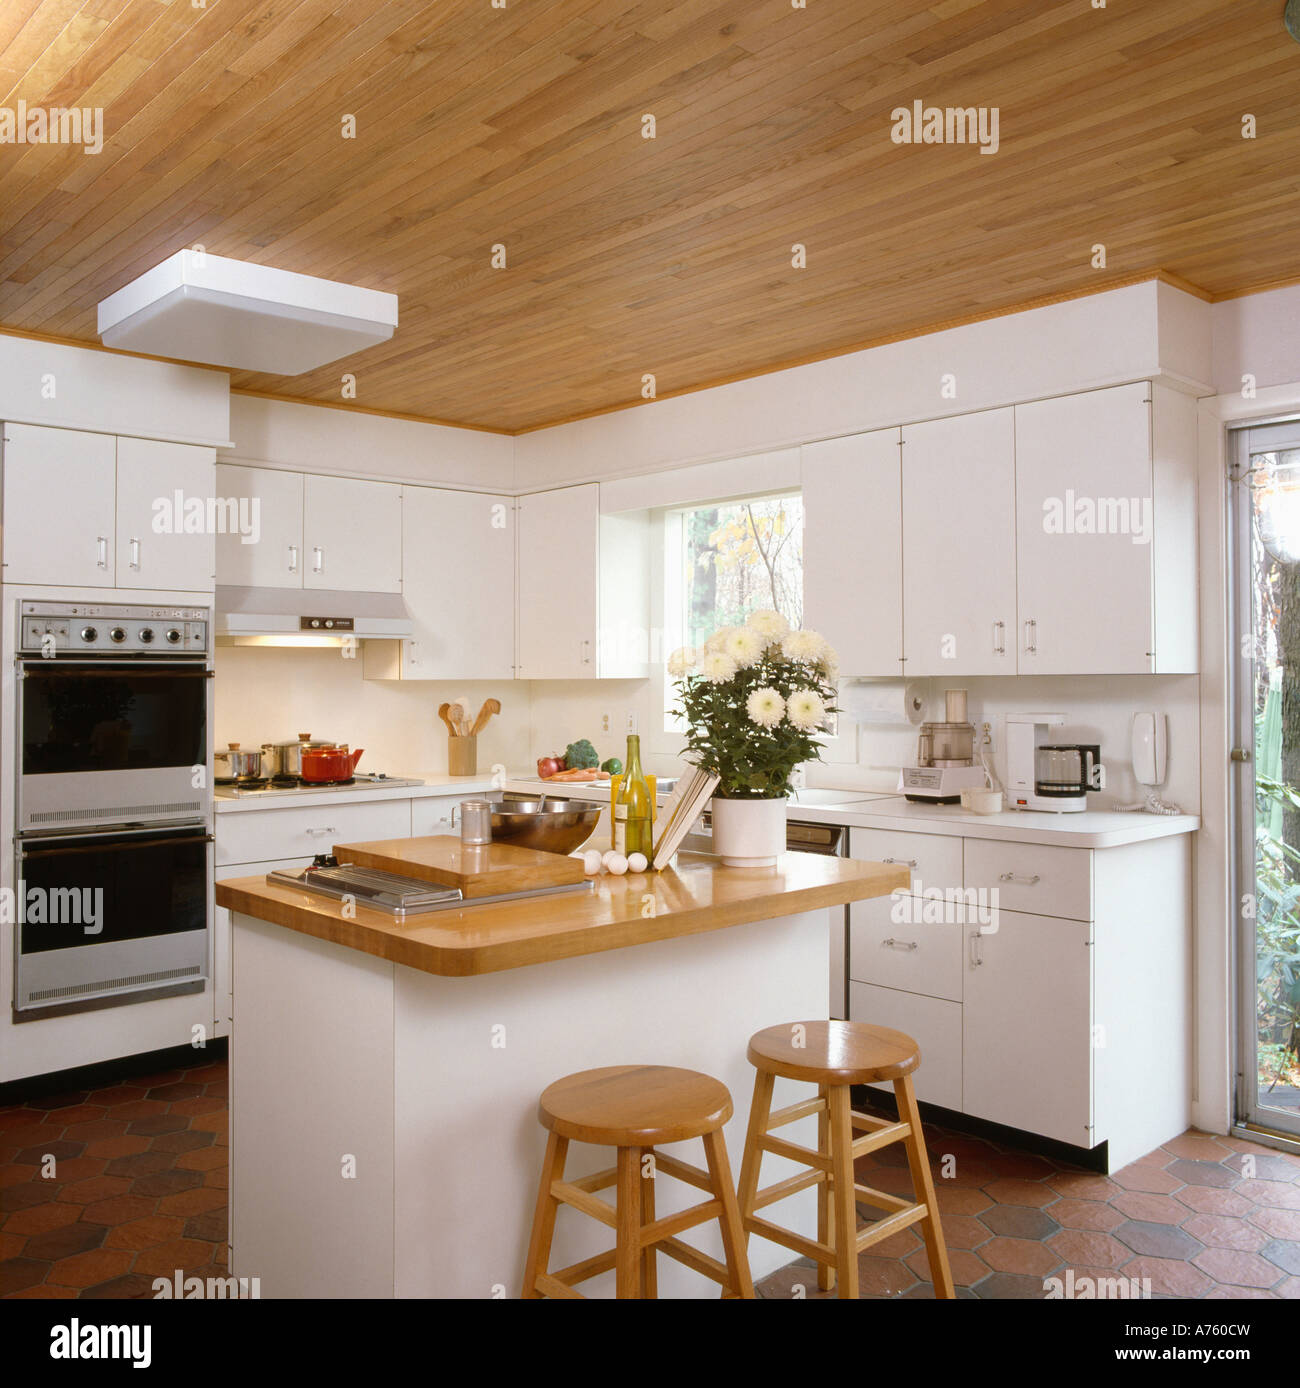 Soffitto in legno in bianca e moderna cucina con isola foto immagine stock 11735064 alamy - Cucina bianca legno ...